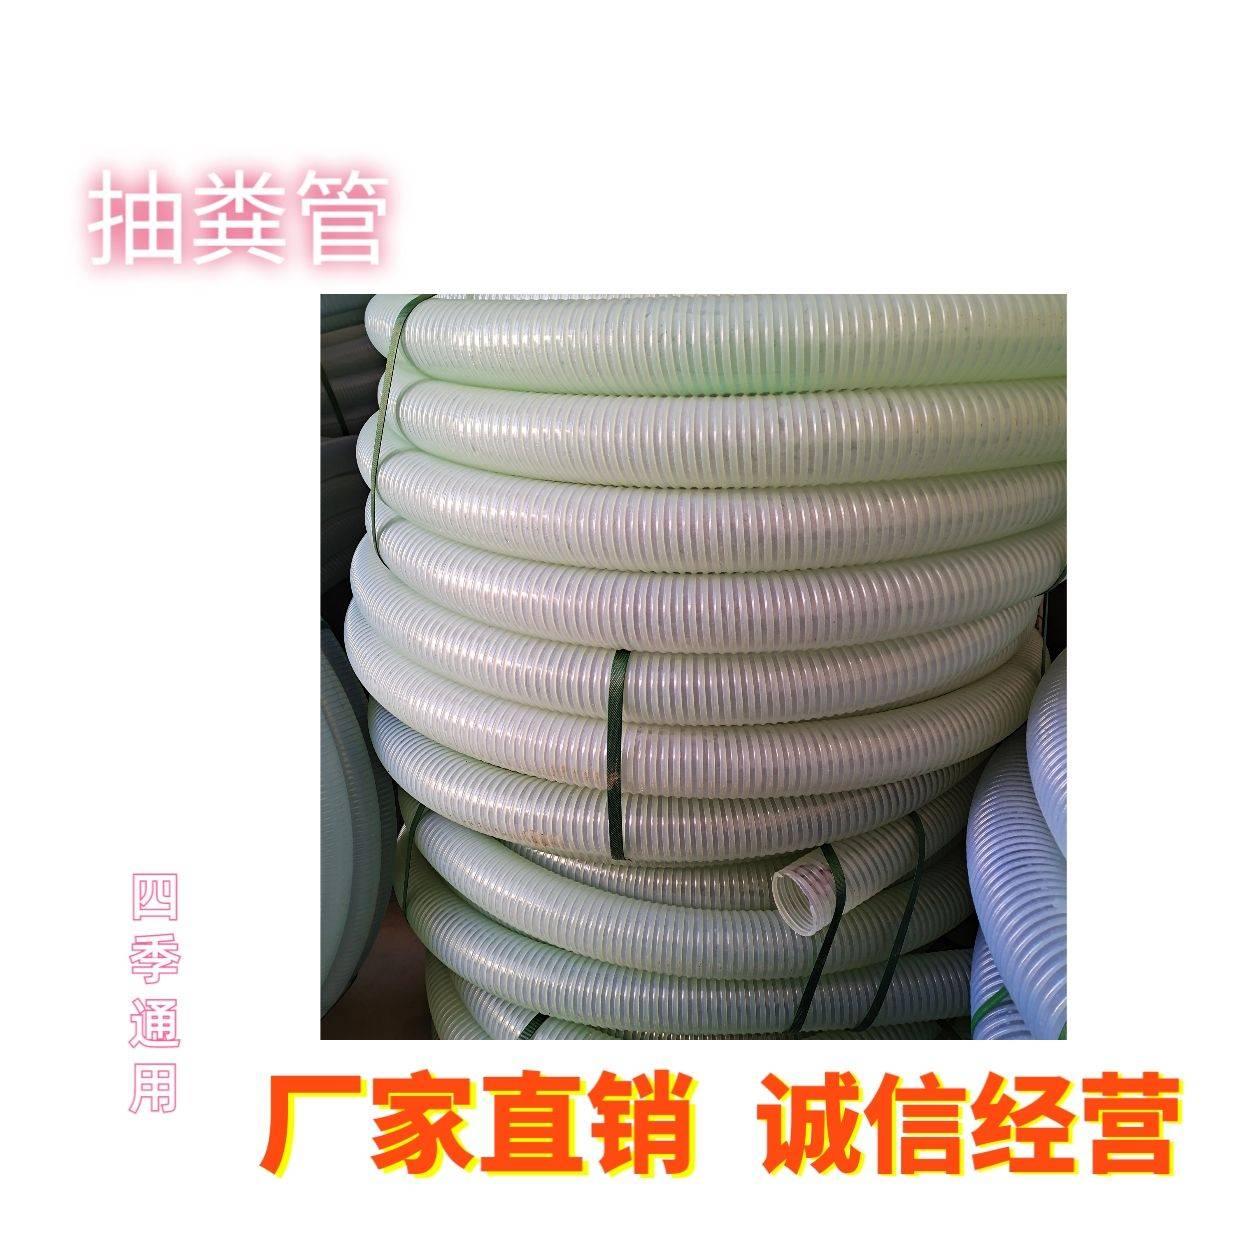 [水管批发]PVC管 加厚防绿色复合软管3寸吸粪管子4寸抽粪管5寸吸污管耐压排沙价格22元/米